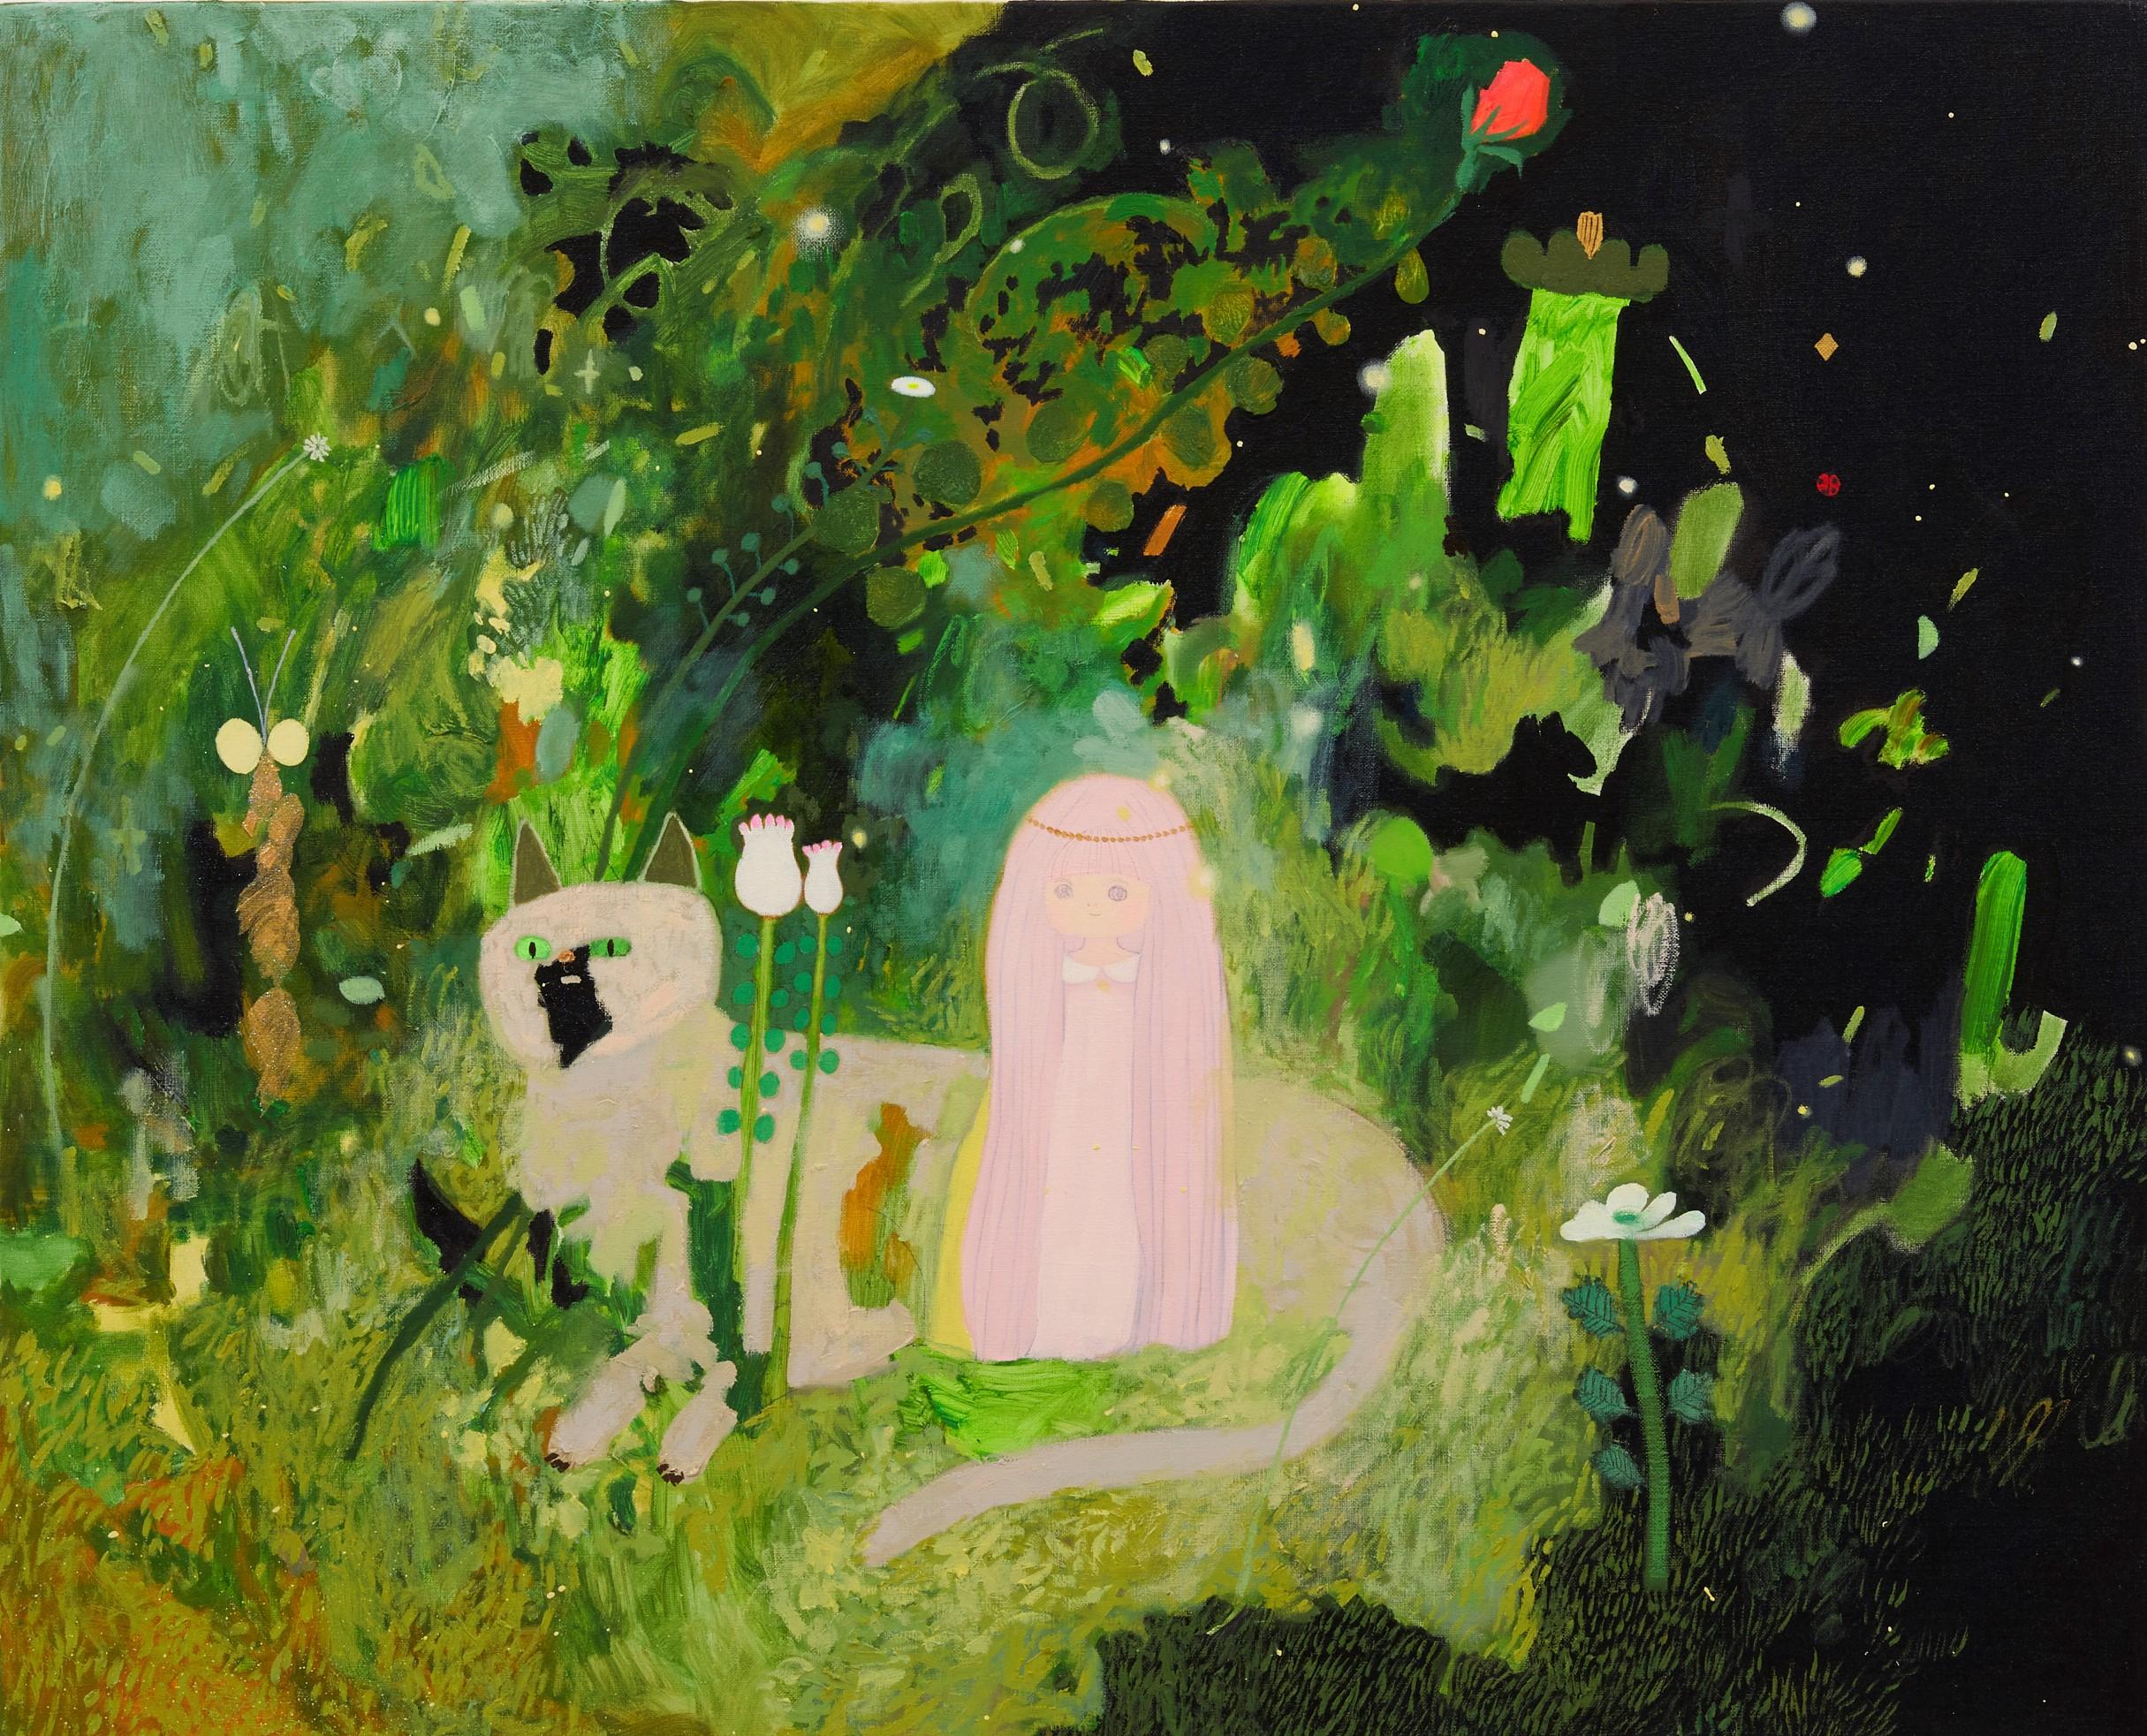 ホタルみた 2020 油彩與亮粉在畫布 oil and glitter on canvas 65.2 x 80.3 cm